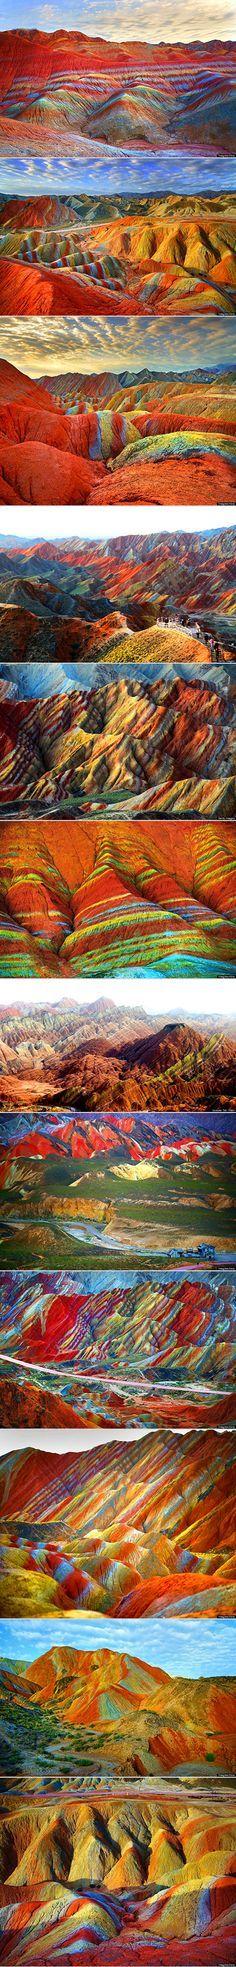 Dans la province du Gansu nord-ouest de la Chine se trouve la Zhangye Relief Danxia Geological Park, une étendue magnifique de terre connue pour ses formations rocheuses multicolores. Des bandes de rouge flamboyant, orange crémeuse, vert riche, et strie jaune vif à travers les montagnes, formant plus beau gâteau de la couche géologique que nous ayons jamais vu.